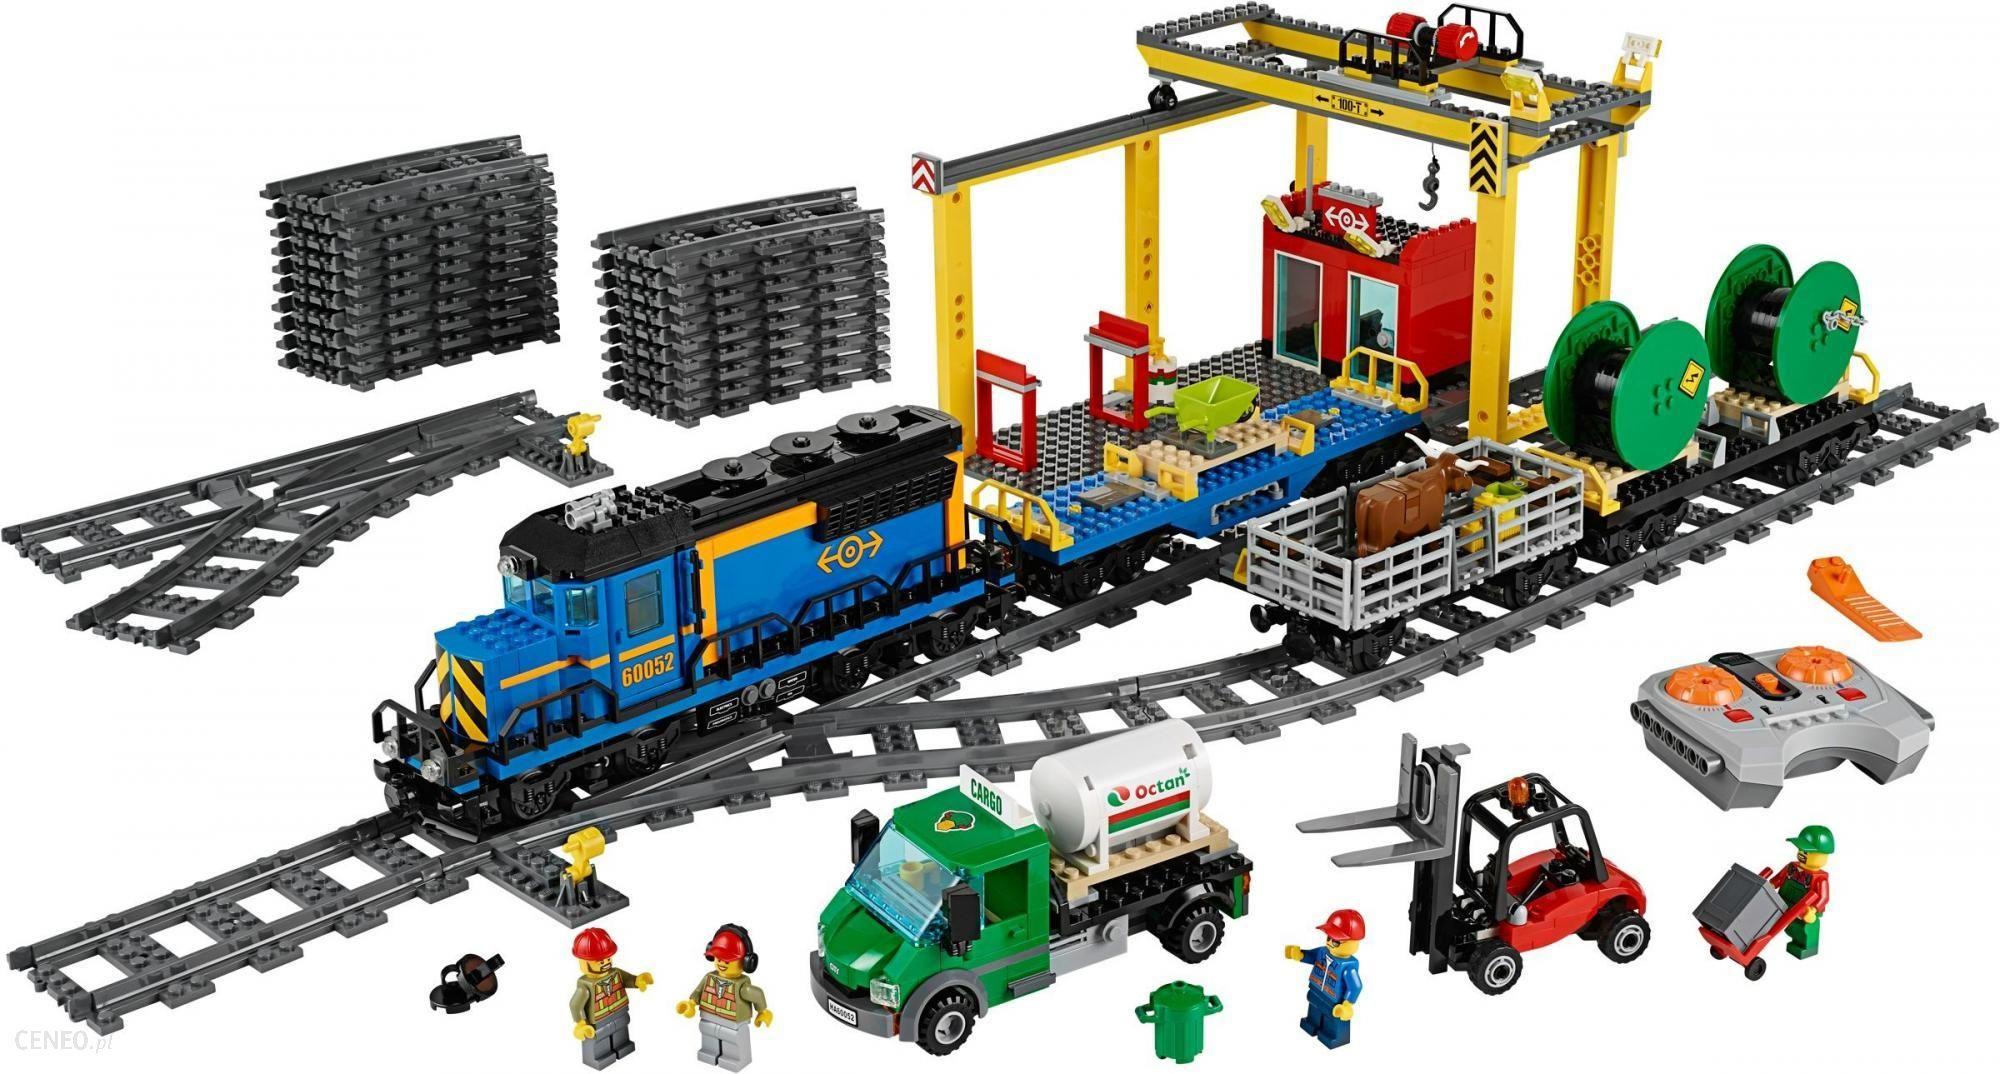 Klocki Lego City Pociąg Towarowy 60052 Ceny I Opinie Ceneopl